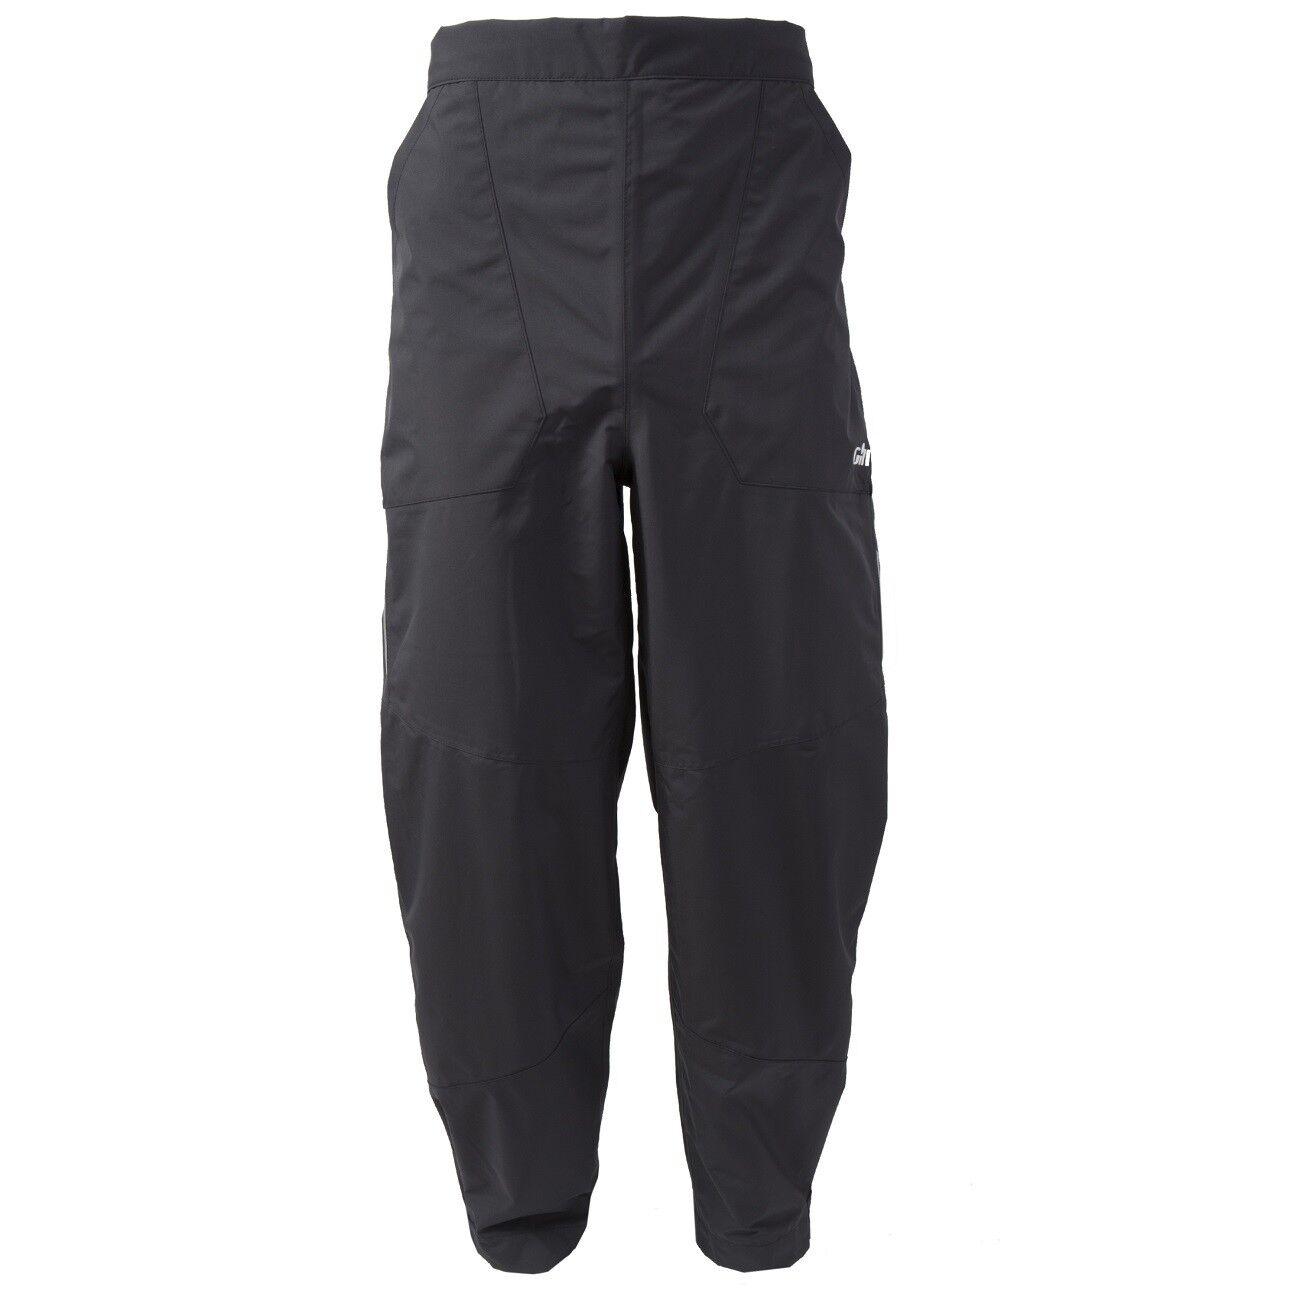 Gill Uomo Vela pantaloni pilota in81t Pioggia Pantaloni Angel Pantaloni Pantaloni funzione protezione umidità